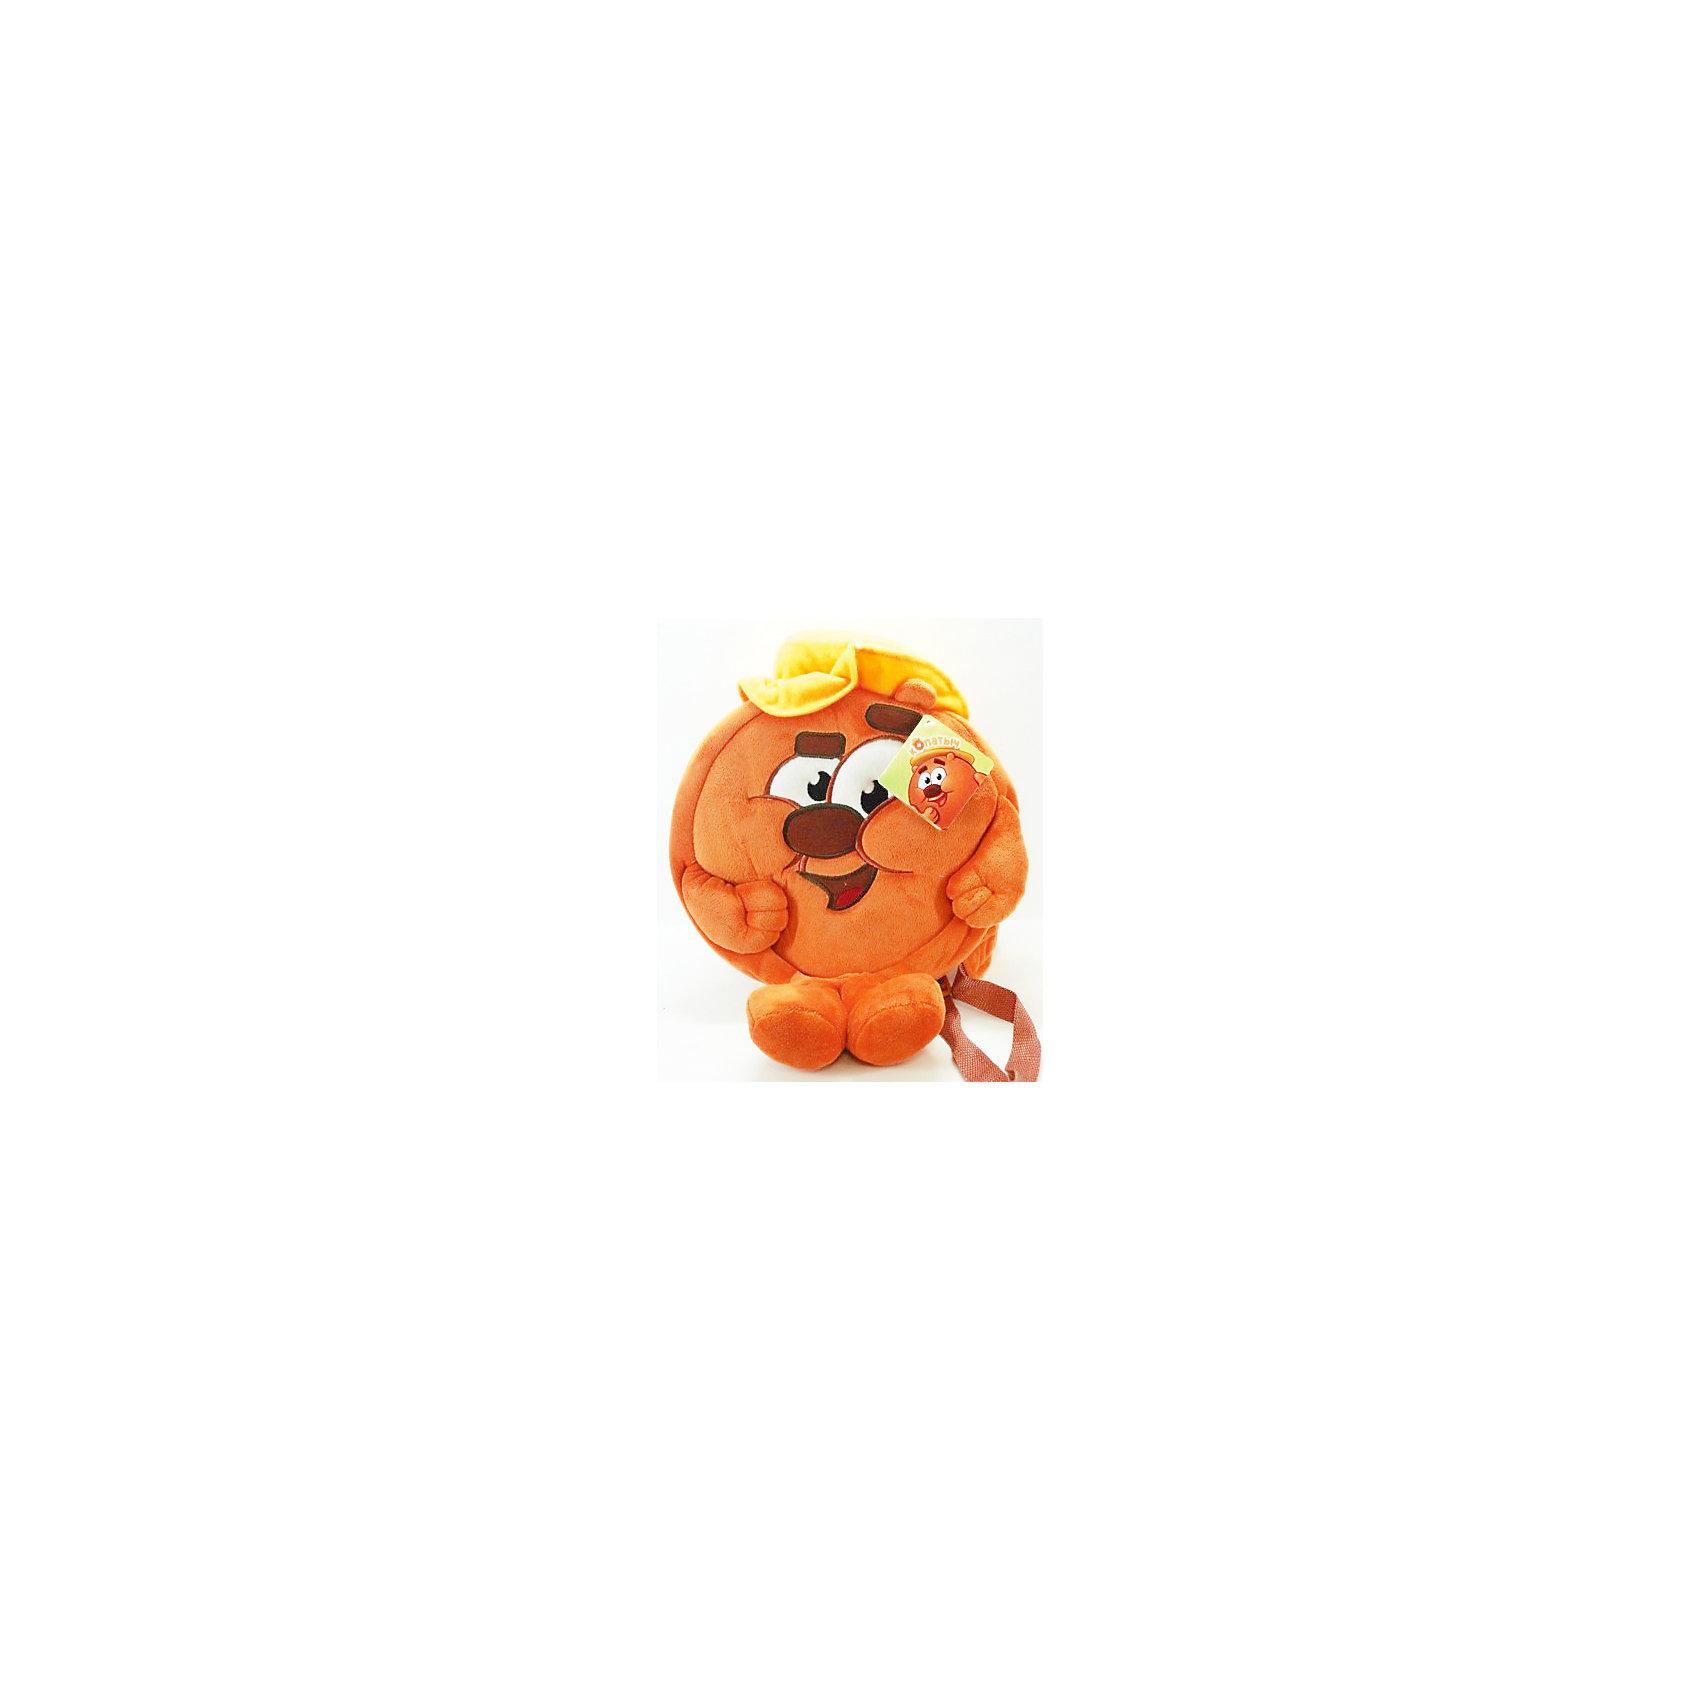 Дошкольный рюкзак Копатыч, СмешарикиРюкзак в виде персонажа Копатыч Смешарики – это и рюкзак, в который можно положить самые нужные вещи и мягкая симпатичная игрушка.<br>Чтобы Ваш малыш мог на прогулке или в дороге наслаждаться обществом любимого персонажа Копатыча, подарите ему яркую мягкую игрушку-рюкзак. Копатыч станет отличным товарищем для вашего ребенка. Рюкзак имеет круглую форму, выполнен из приятного на ощупь и очень мягкого материала. Ноги и рога Копатыча, а также наружная стенка рюкзака дополнительно уплотнены. Изнутри рюкзак отделан плотной белой тканью. Рюкзак имеет застежку-молнию, к язычку которой прикреплен маленький забавный цветочек. Также у рюкзачка мягкая ручка и мягкие наплечные ремни, которые регулируются под рост ребенка. Игрушка-рюкзак упакована в удобную сумку-чехол из прозрачного пластика с ручкой и застежкой-молнией. Изготовлено из экологически чистых и безопасных для детей материалов, имеет все необходимые сертификаты соответствия.<br><br>Дополнительная информация:<br><br>- Материал: искусственный мех, полиэфирное волокно<br>- Цвет: коричневый, желтый<br>- Размер упаковки: 32 х 5 х 42,5 см.<br>- Вес: 326 гр.<br><br>Рюкзак в виде персонажа Копатыч Смешарики можно купить в нашем интернет-магазине.<br><br>Ширина мм: 320<br>Глубина мм: 50<br>Высота мм: 425<br>Вес г: 326<br>Возраст от месяцев: 36<br>Возраст до месяцев: 84<br>Пол: Мужской<br>Возраст: Детский<br>SKU: 4664465